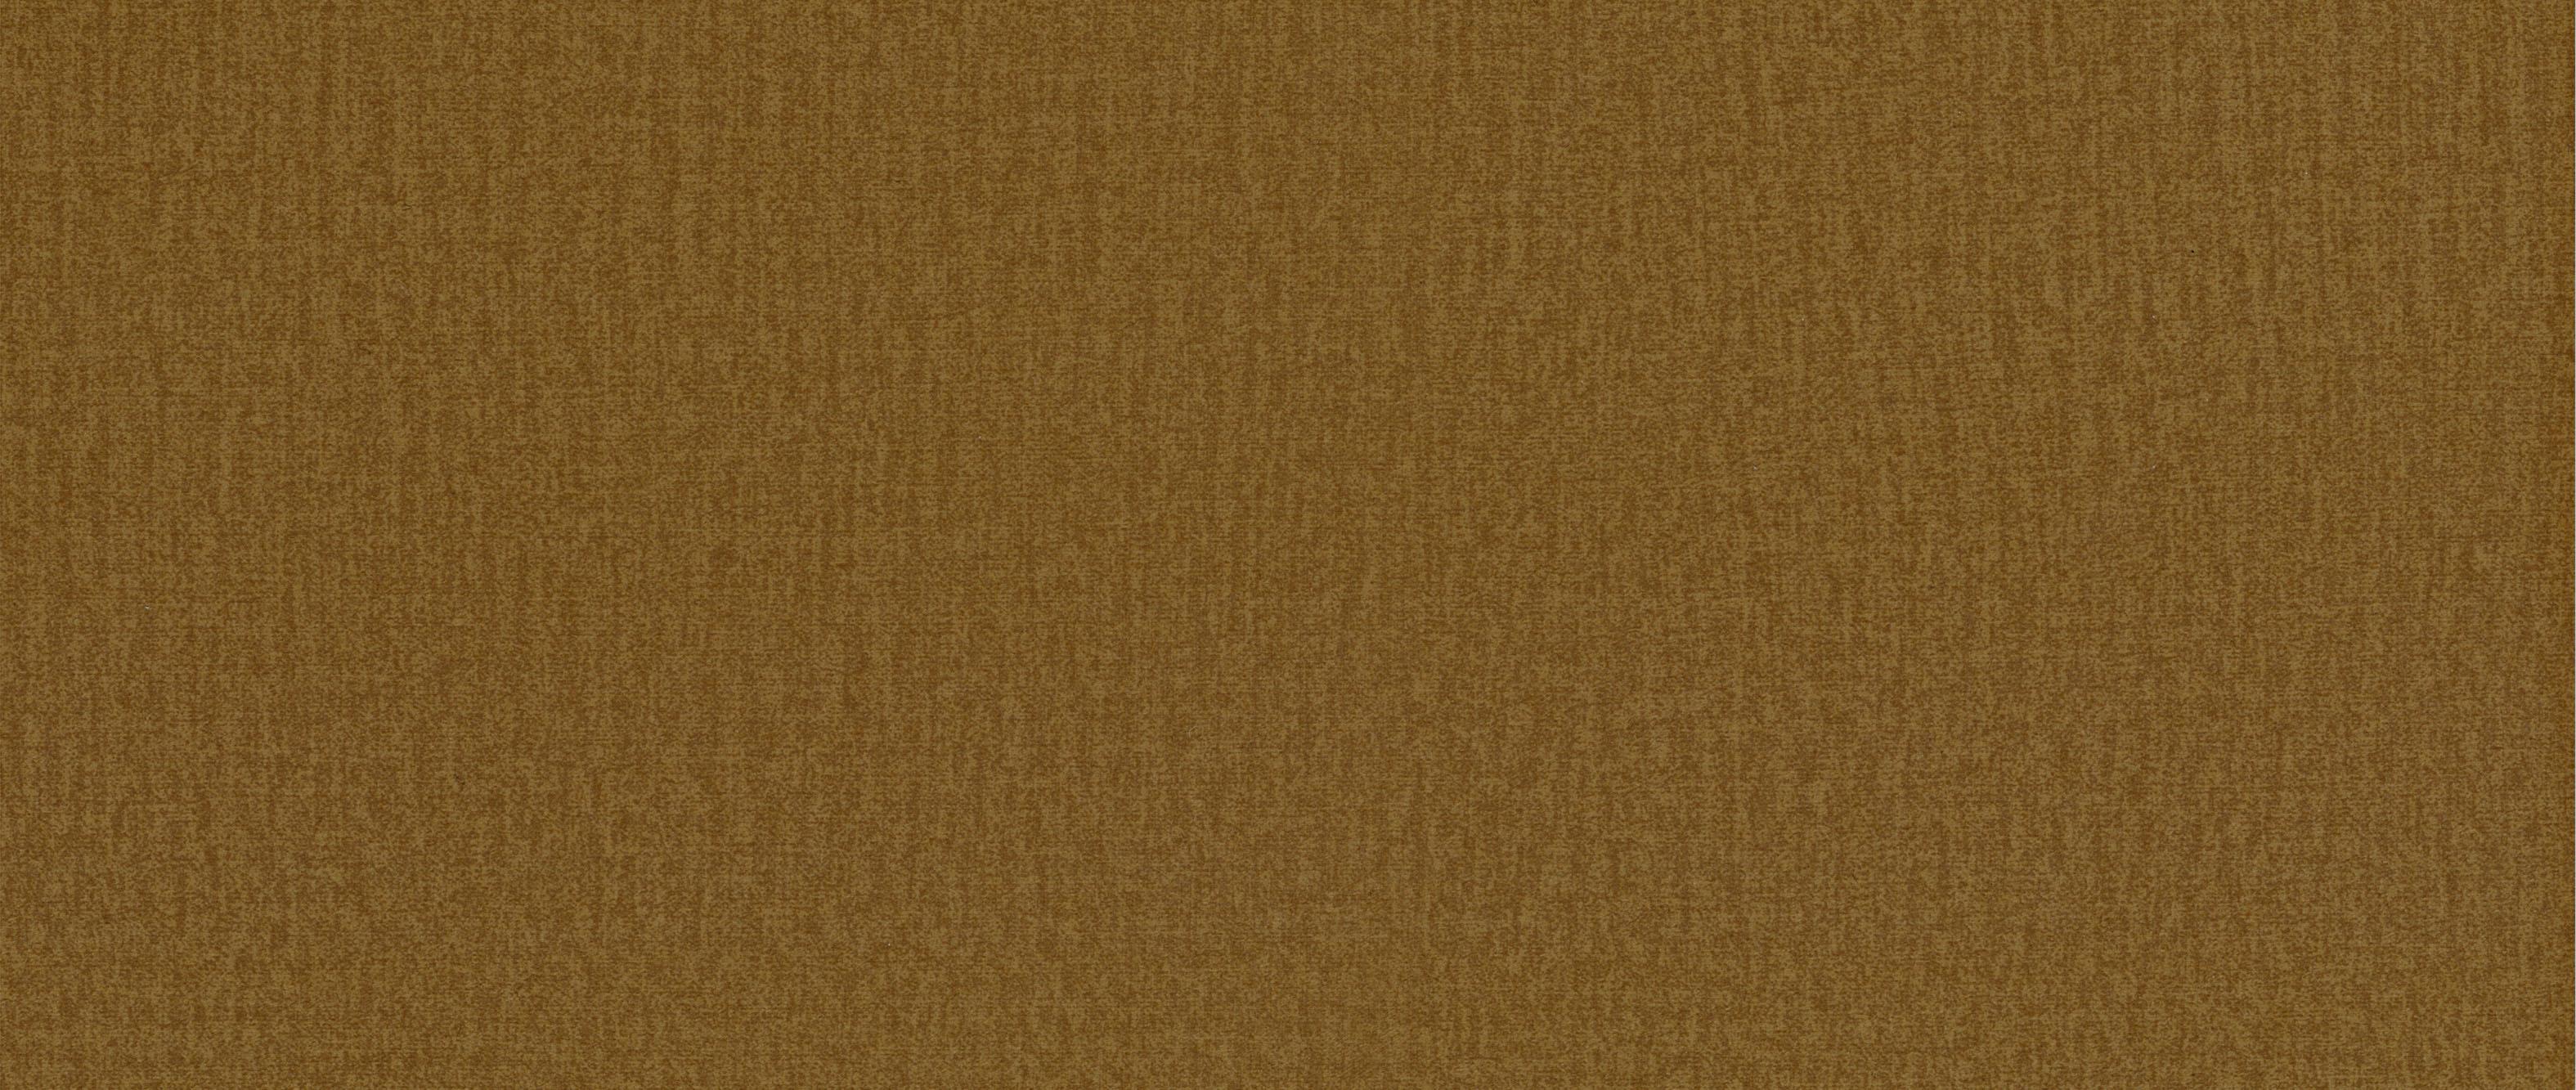 Kolor skóry: monolith 48 tekstura